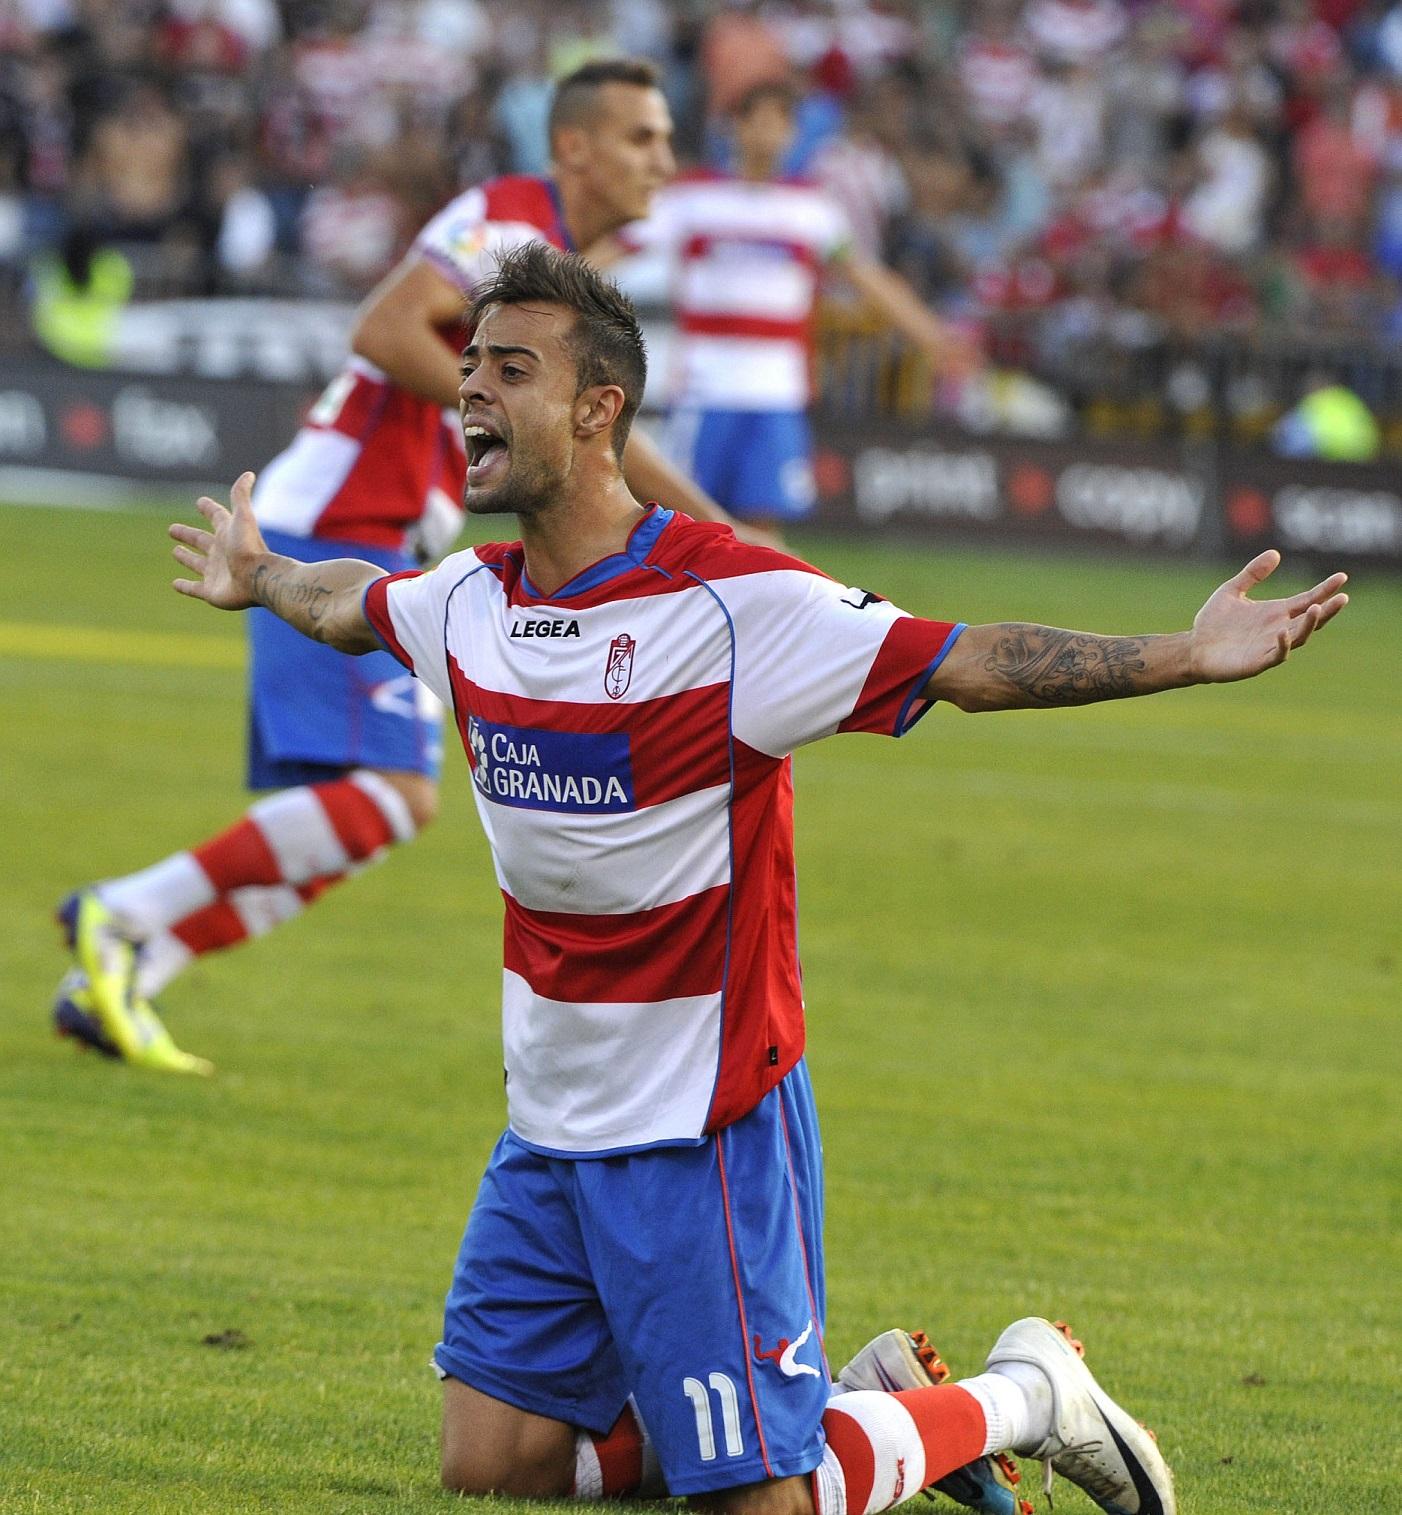 Dani Benítez, en un partido de la temporada 2011/2012 (Archivo 20minutos).